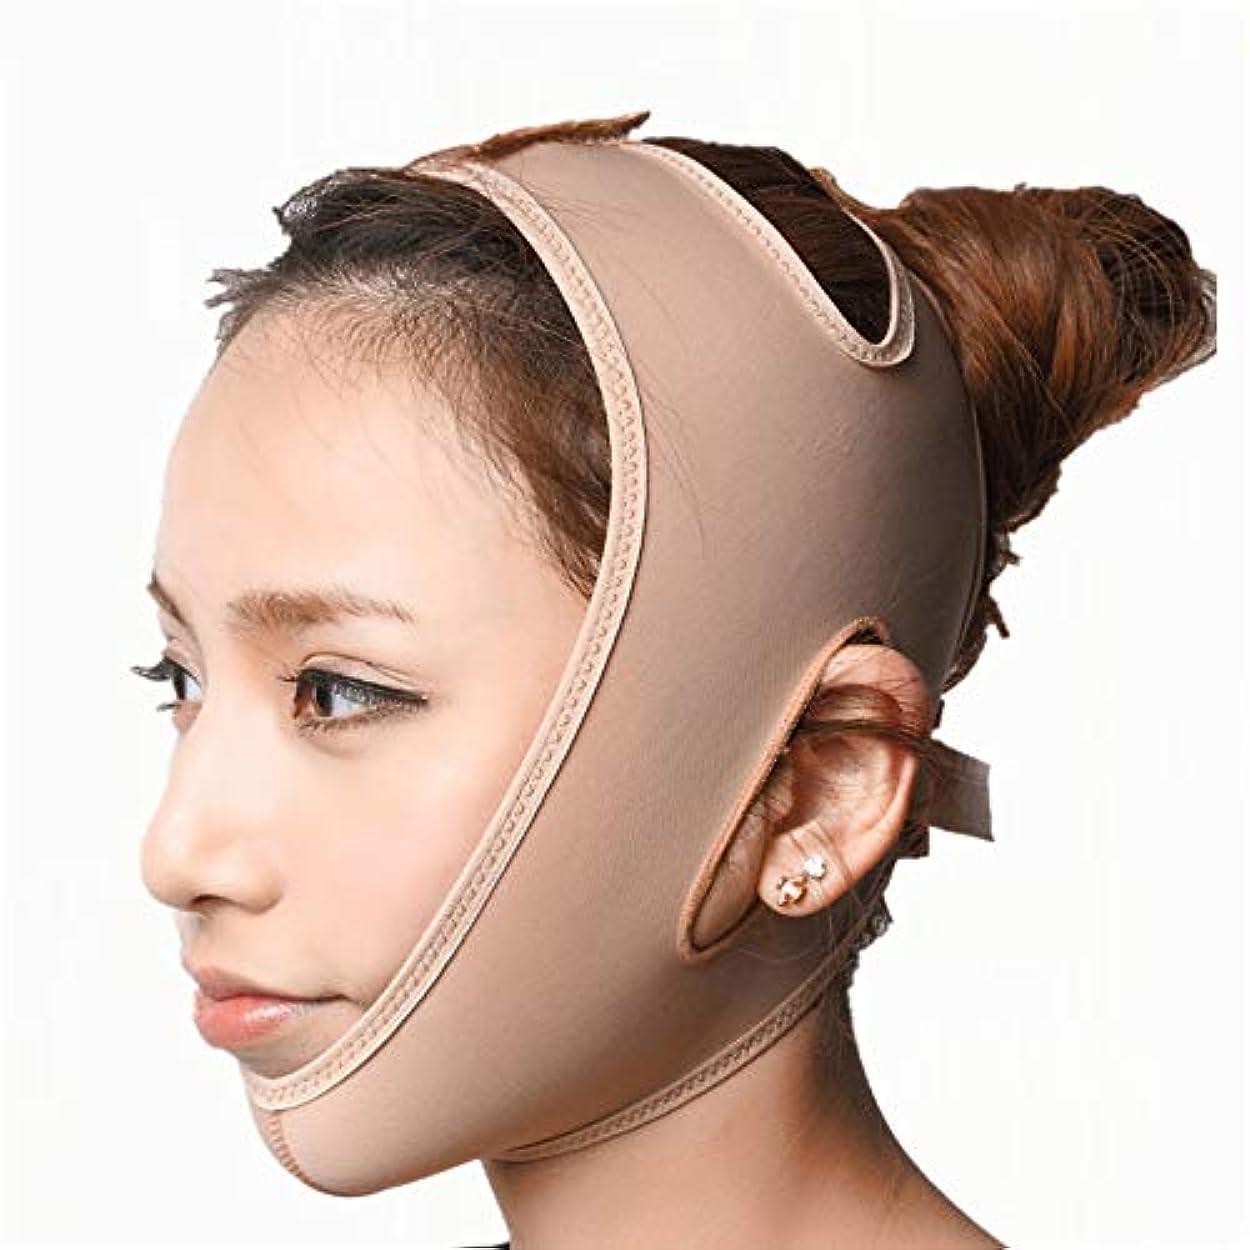 熟読するポスター沈黙薄い顔のベルト - 薄い顔のアーチファクトVの顔の包帯マスクの顔のマッサージャー薄いダブルの顎のデバイス